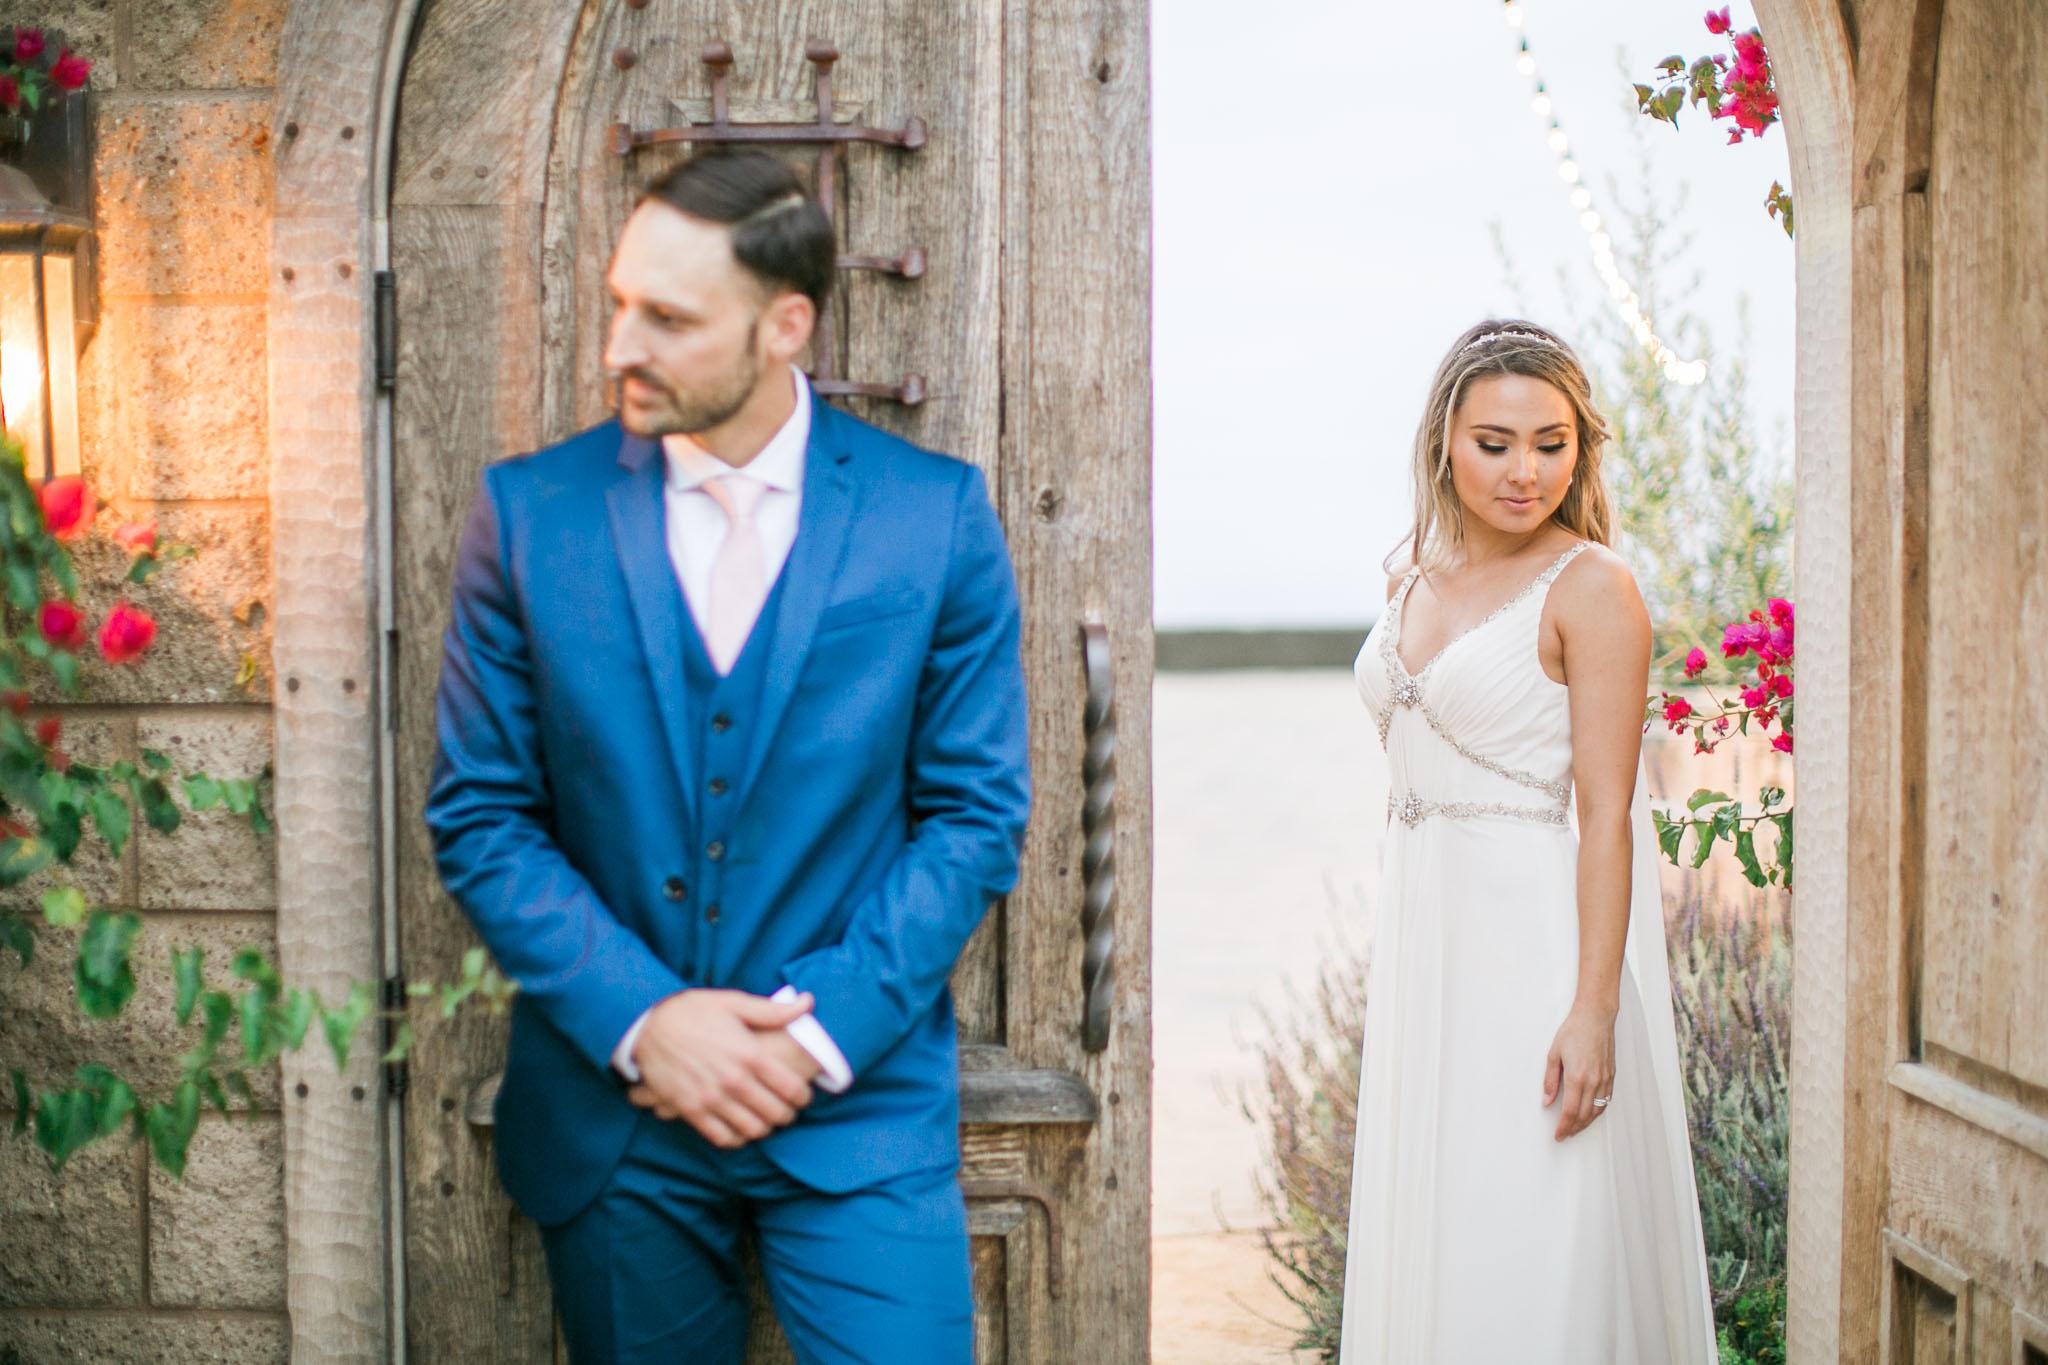 JD+Sherry Wedding - for social media-212.jpg